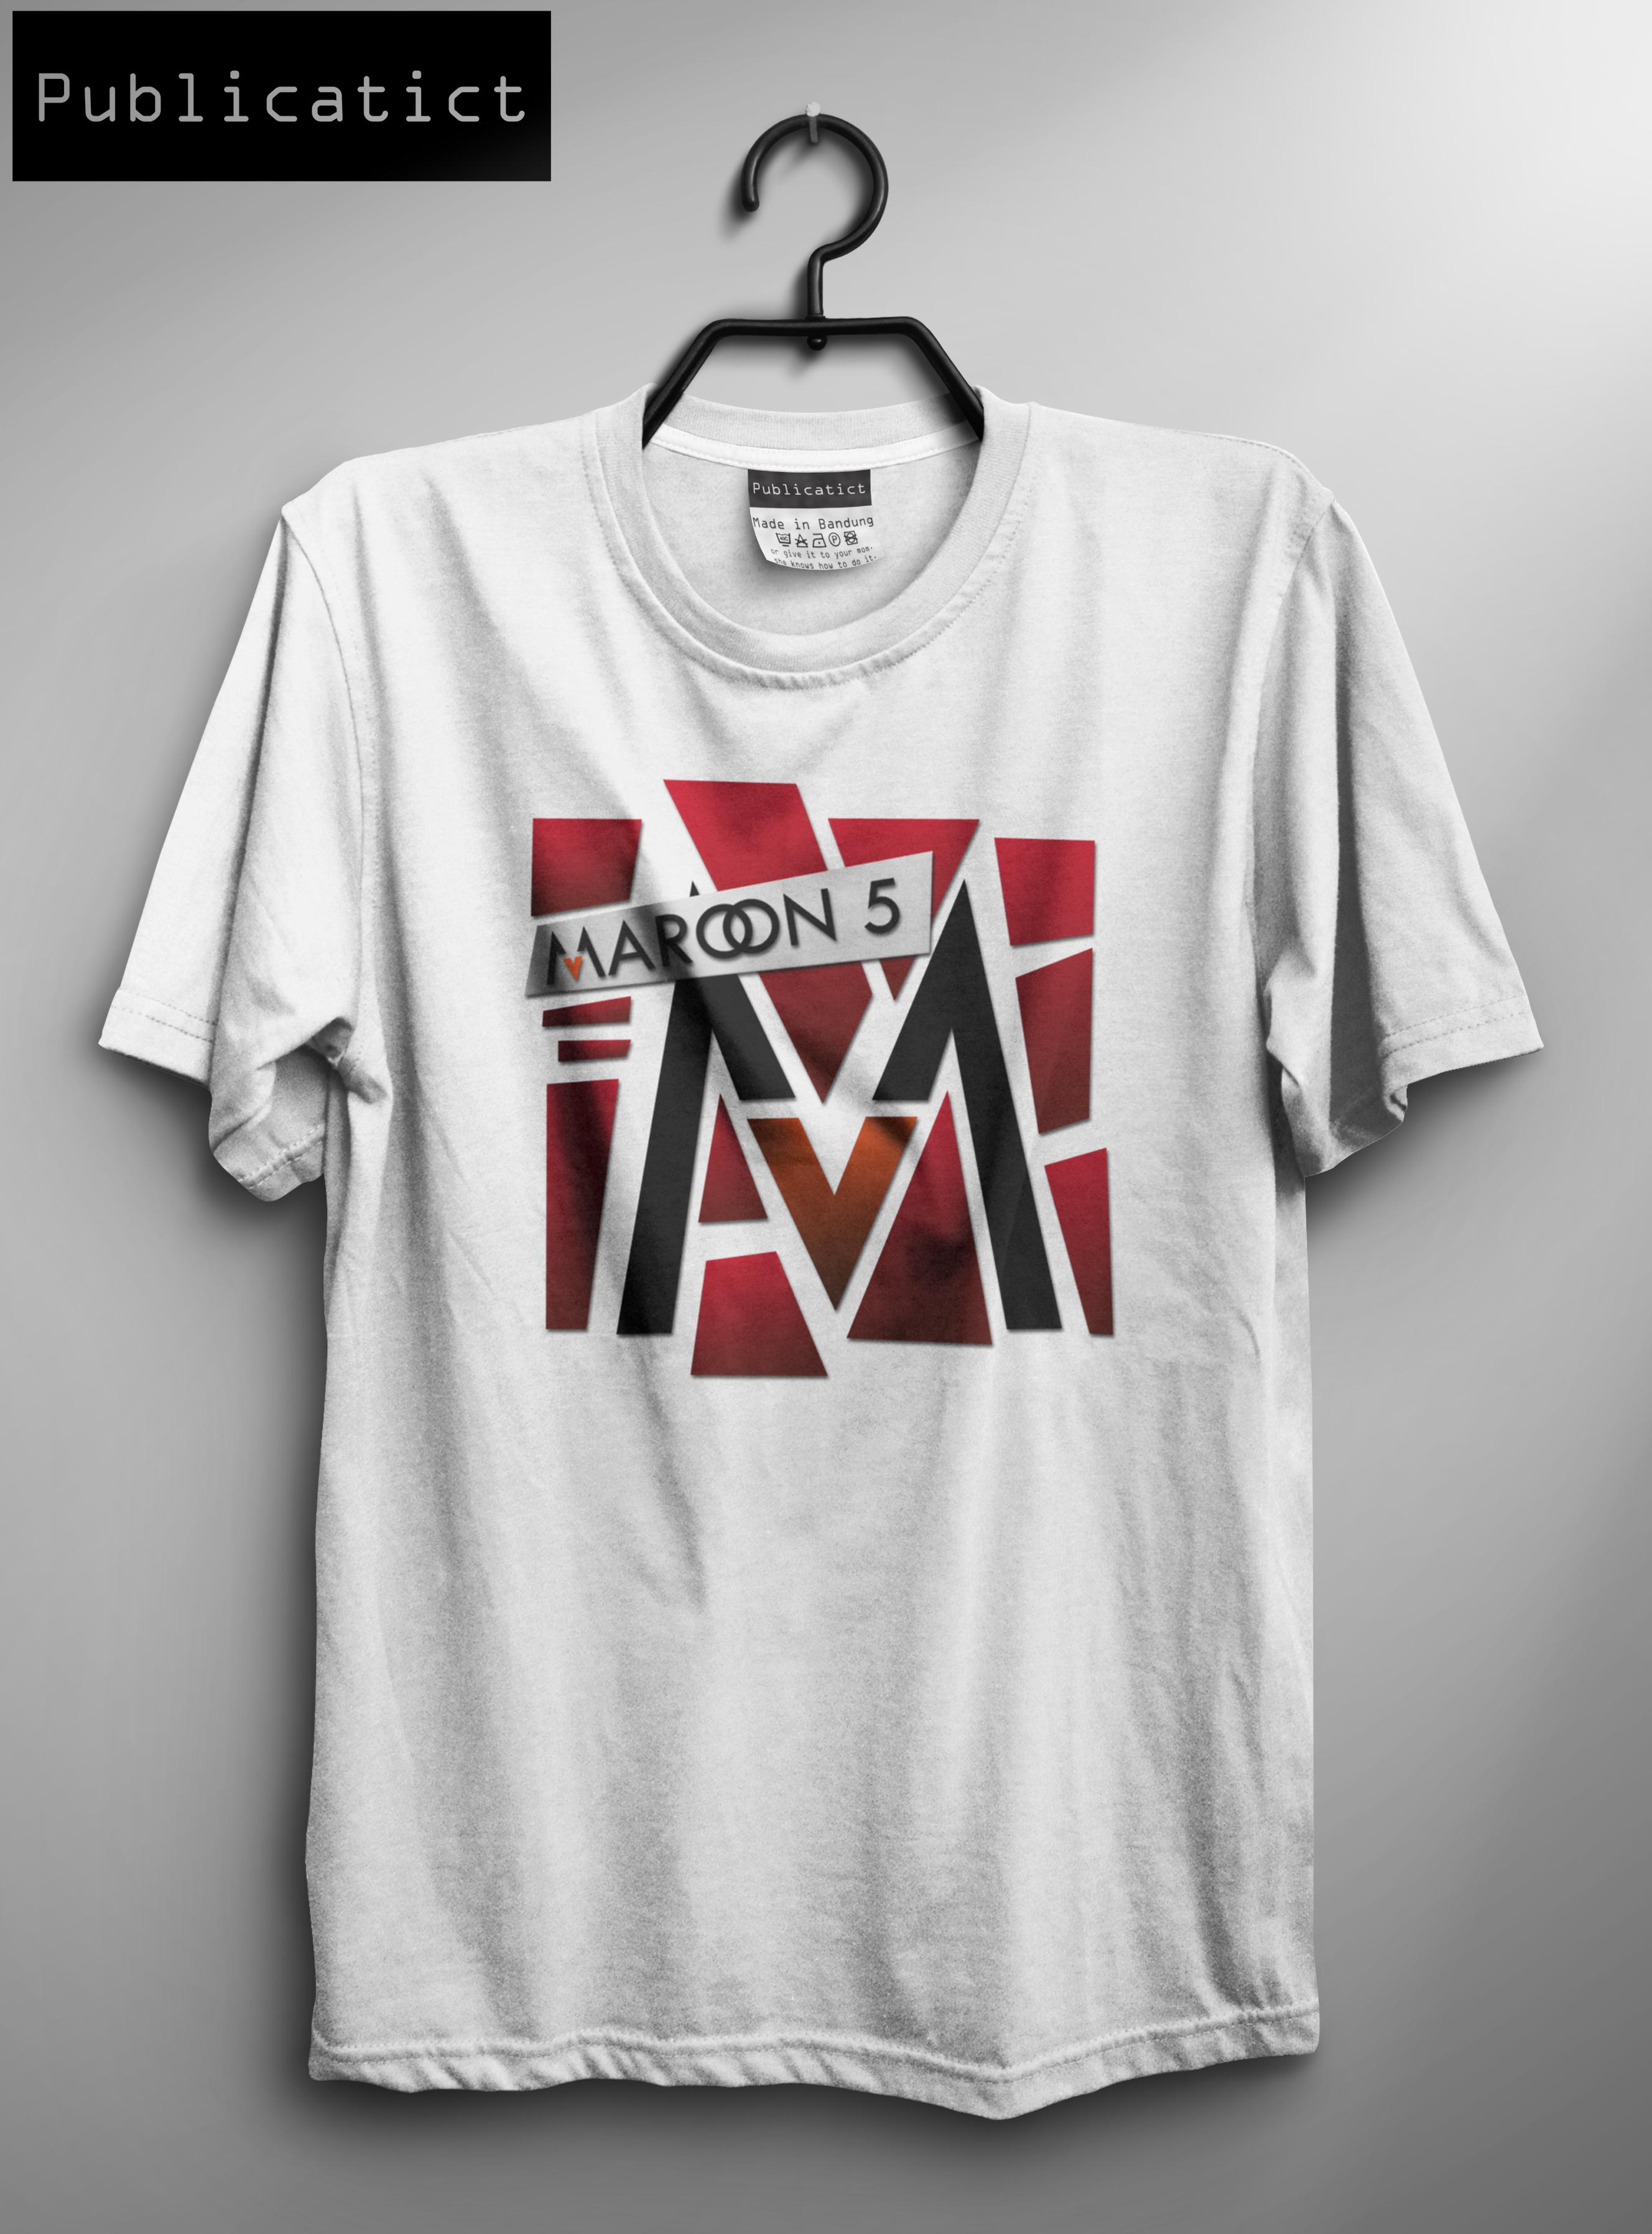 88054633c8 Dope Shirts Tumblr | Top Mode Depot